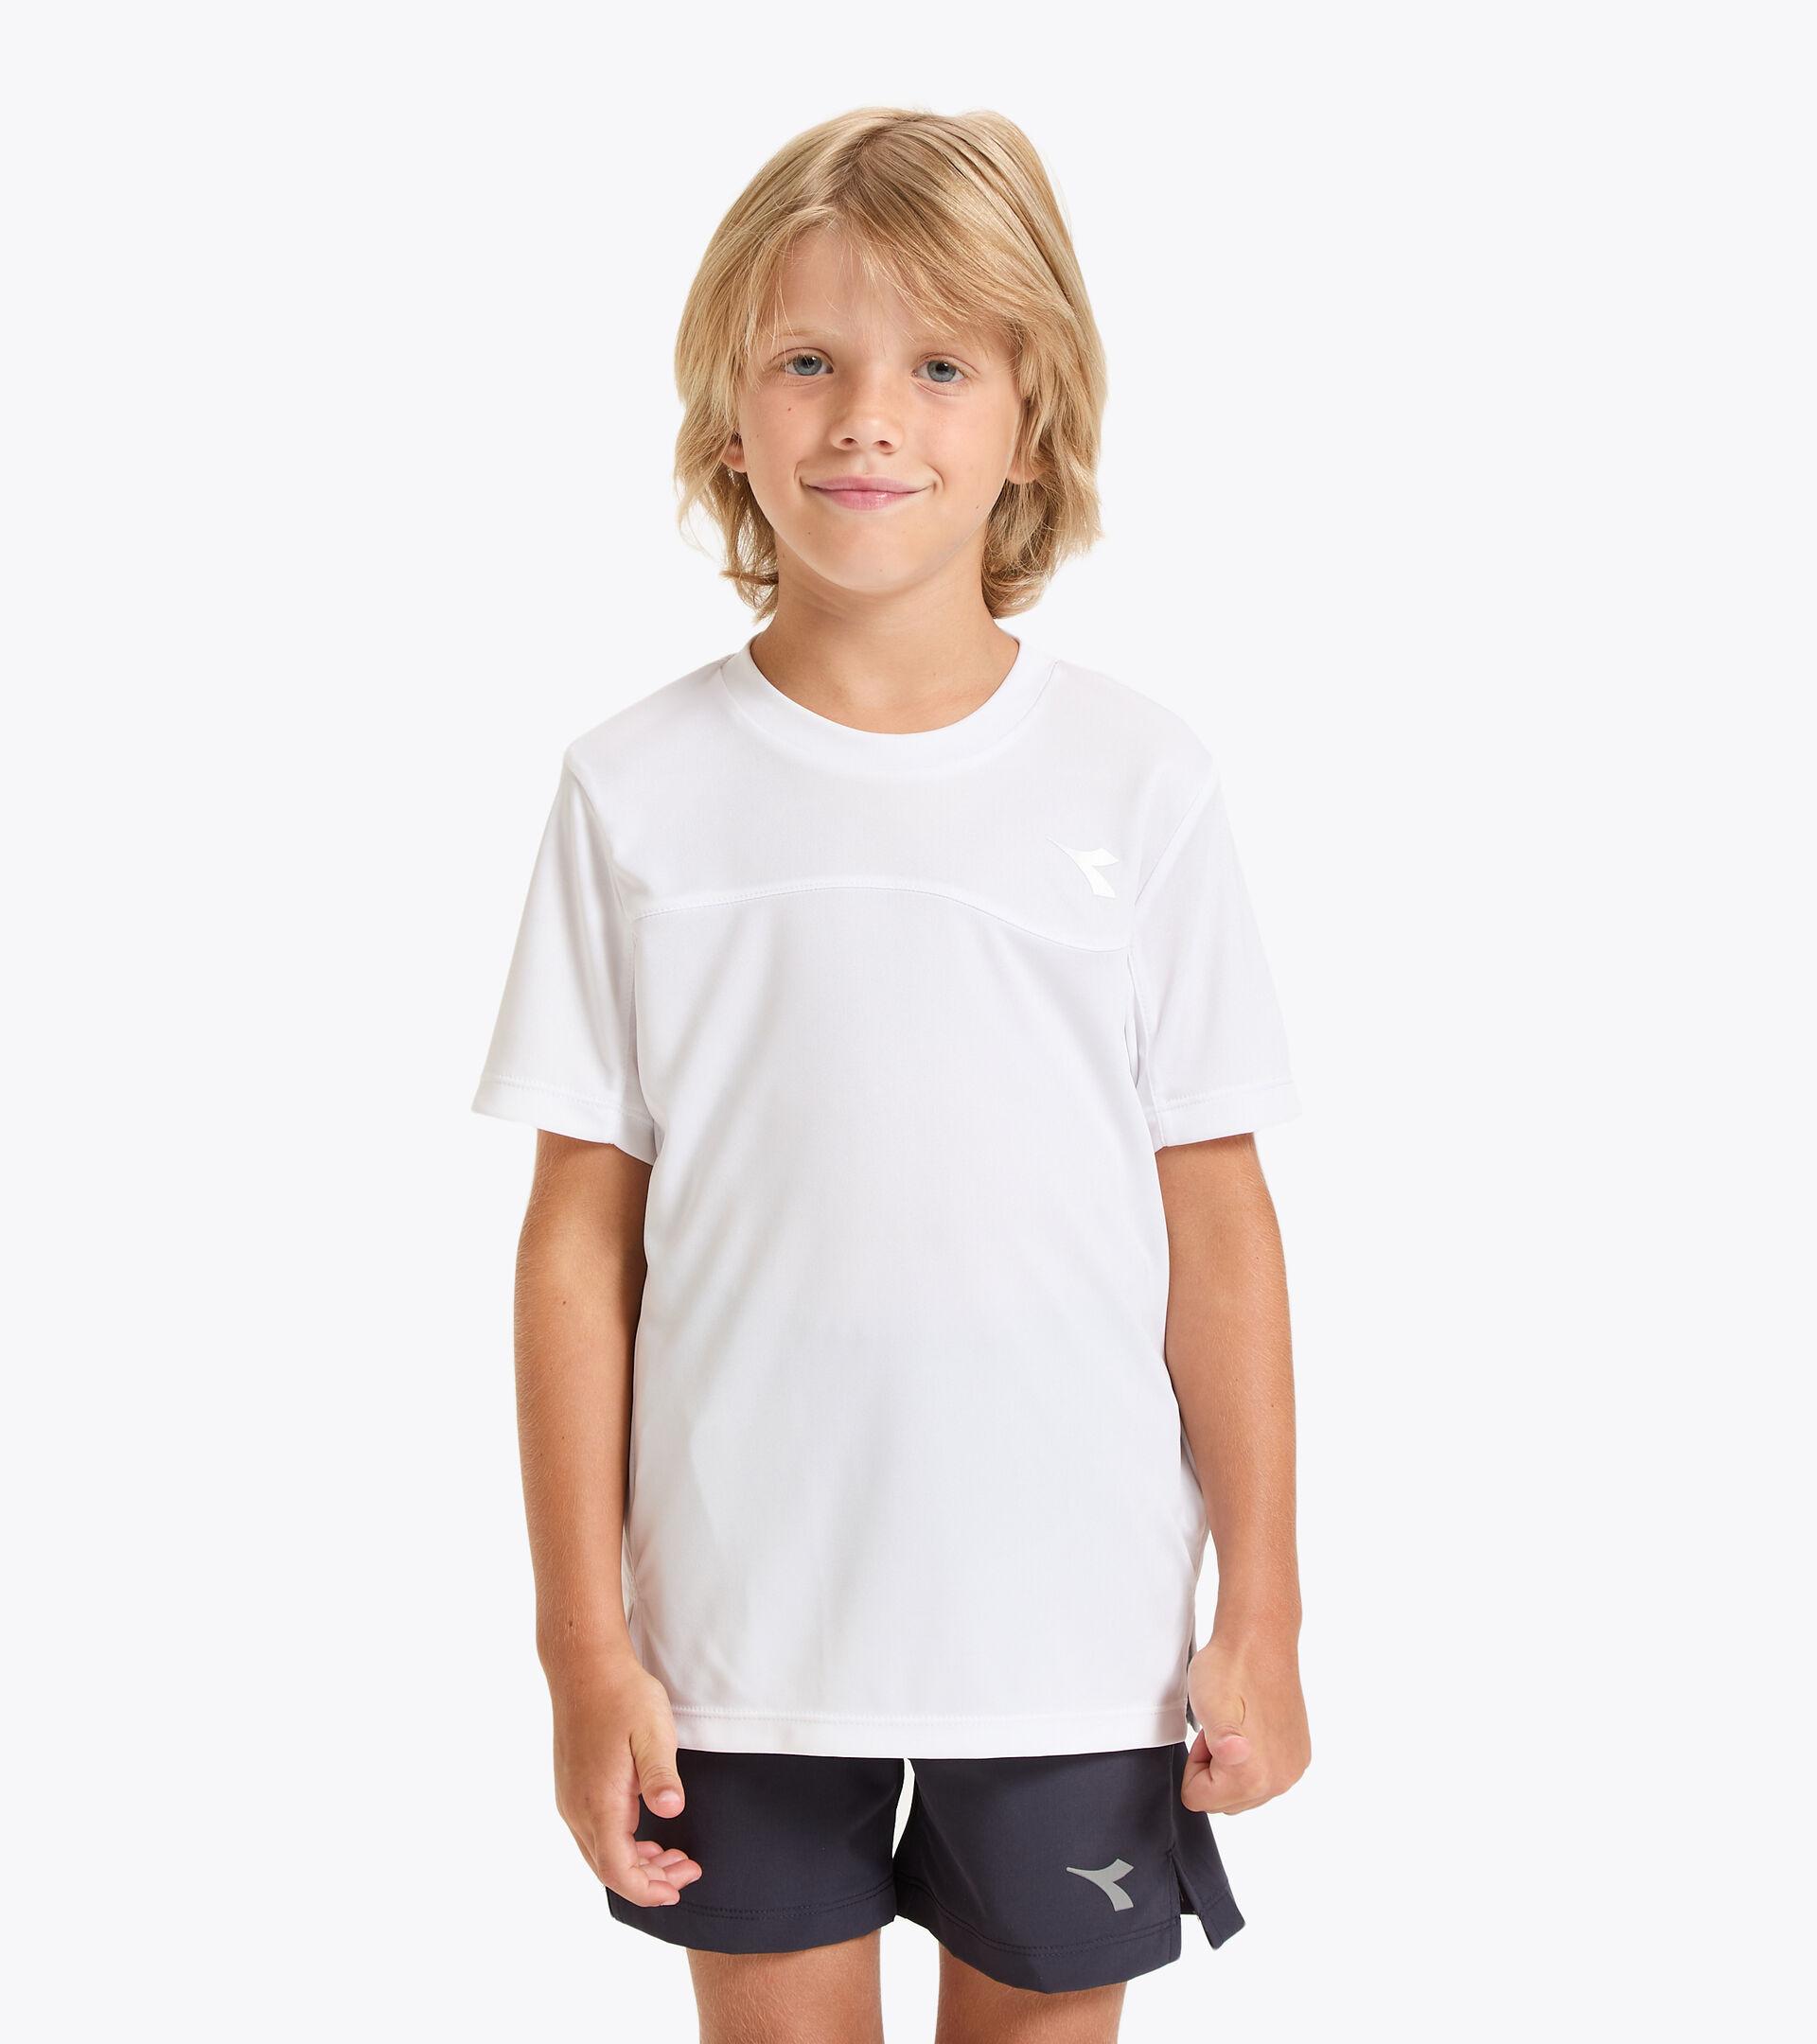 Tennis-T-Shirt - Junior J. T-SHIRT TEAM STRAHLEND WEISSE - Diadora